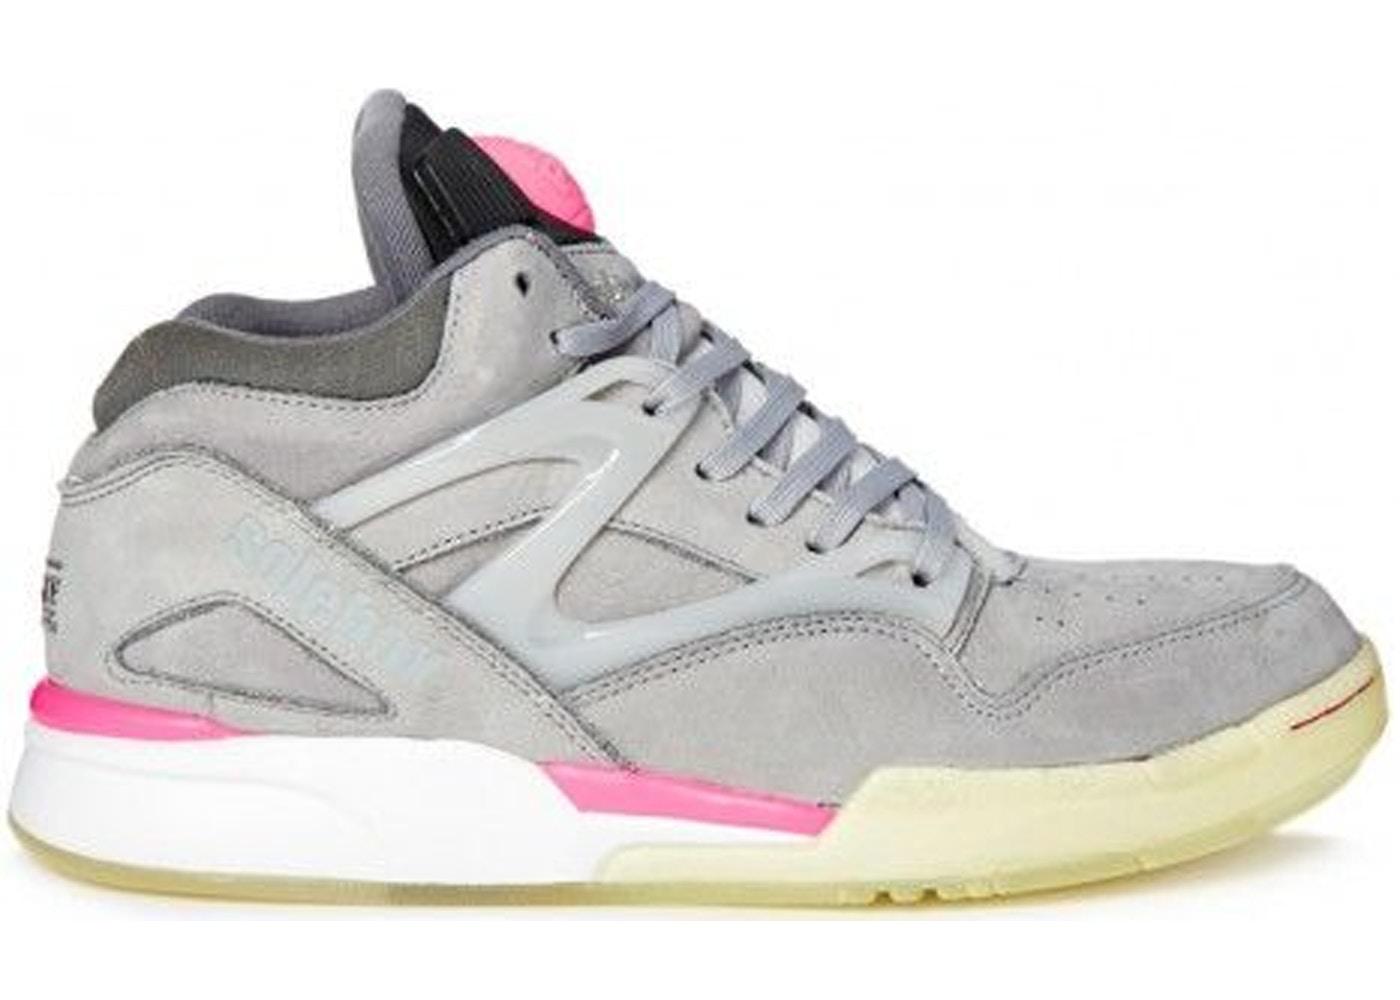 stor rabatt Storbritannien butik tankar på Reebok Pump Omni Lite Solebox Grey Pink - V54095